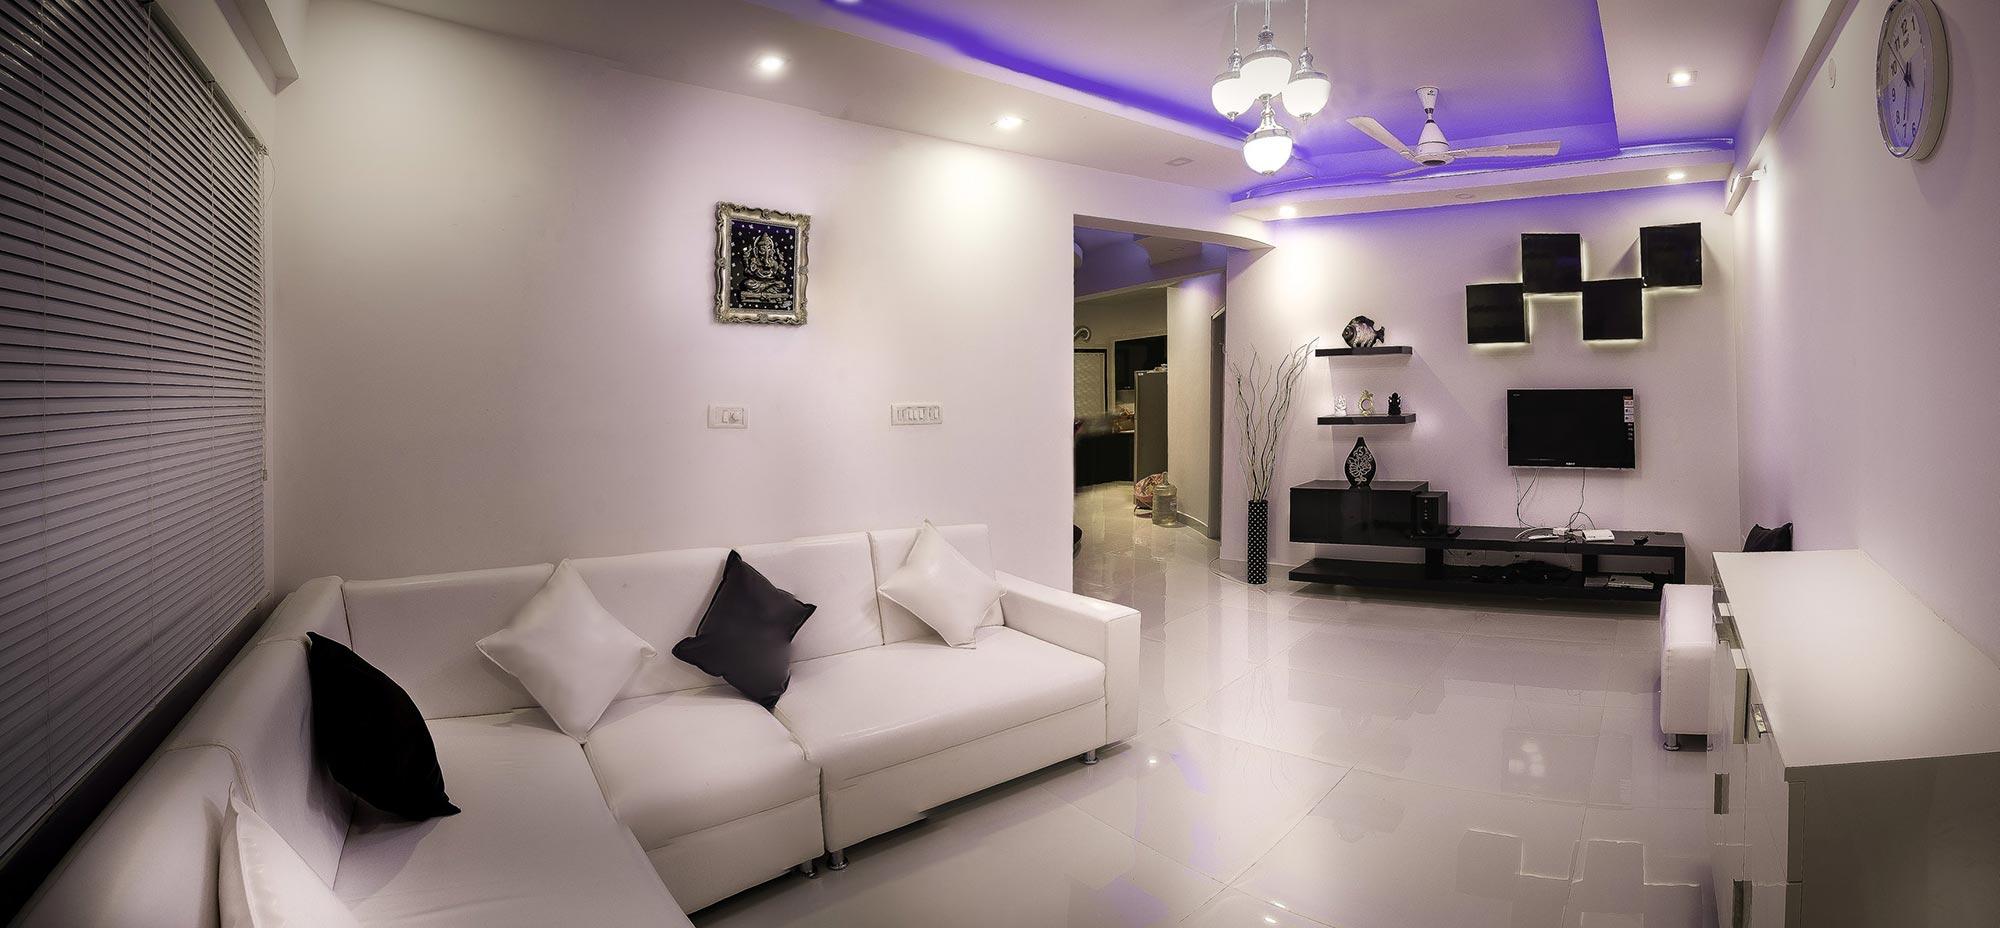 Illuminazione stanza con led